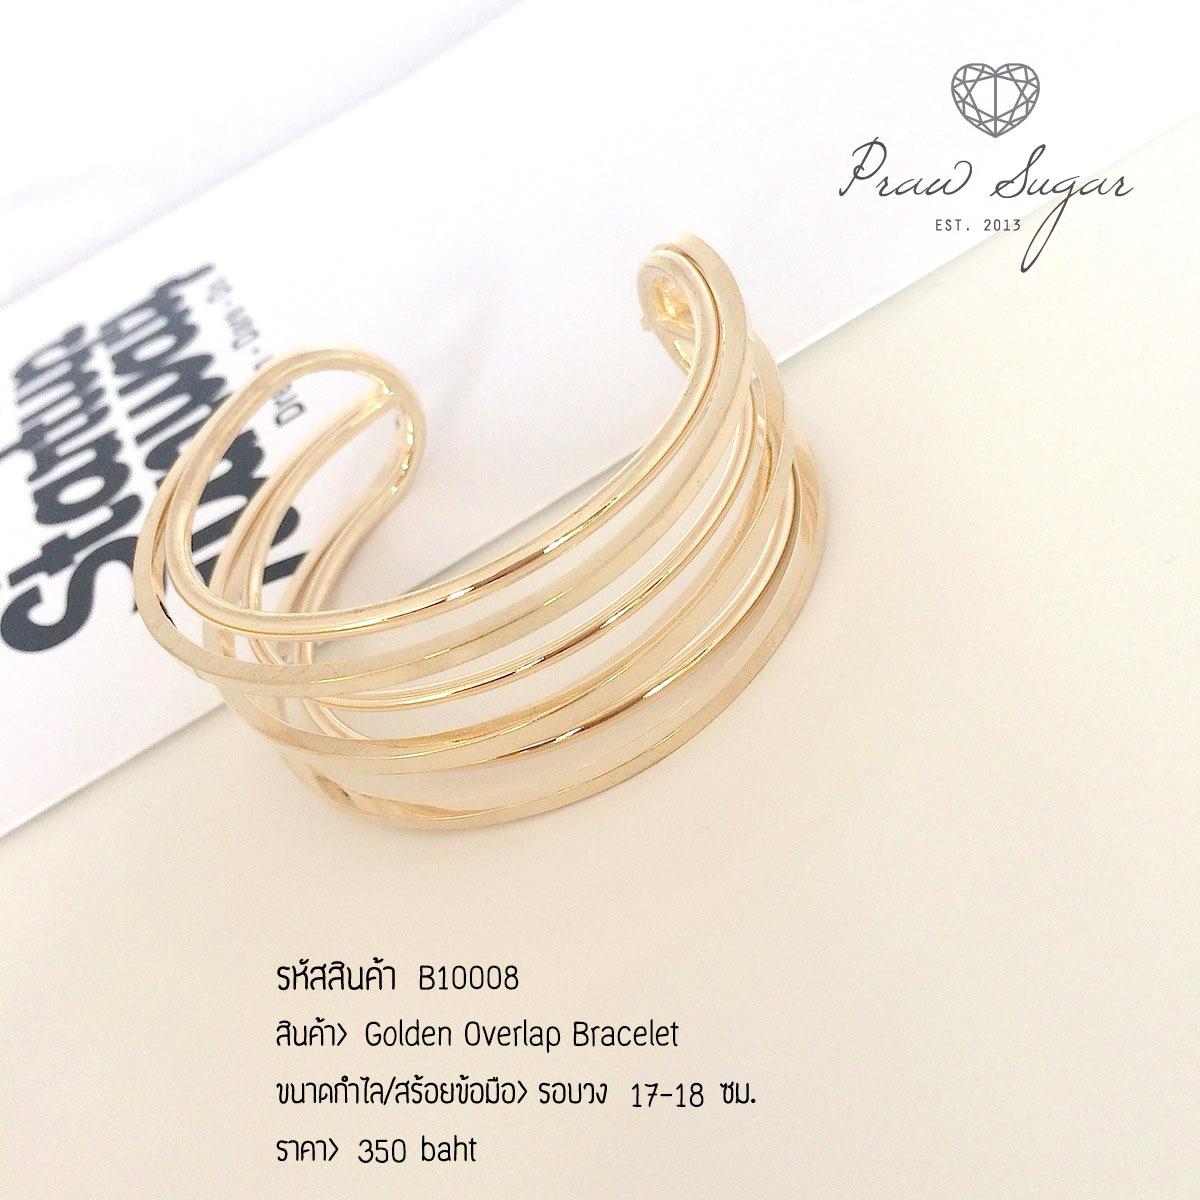 Golden Overlap Bracelet